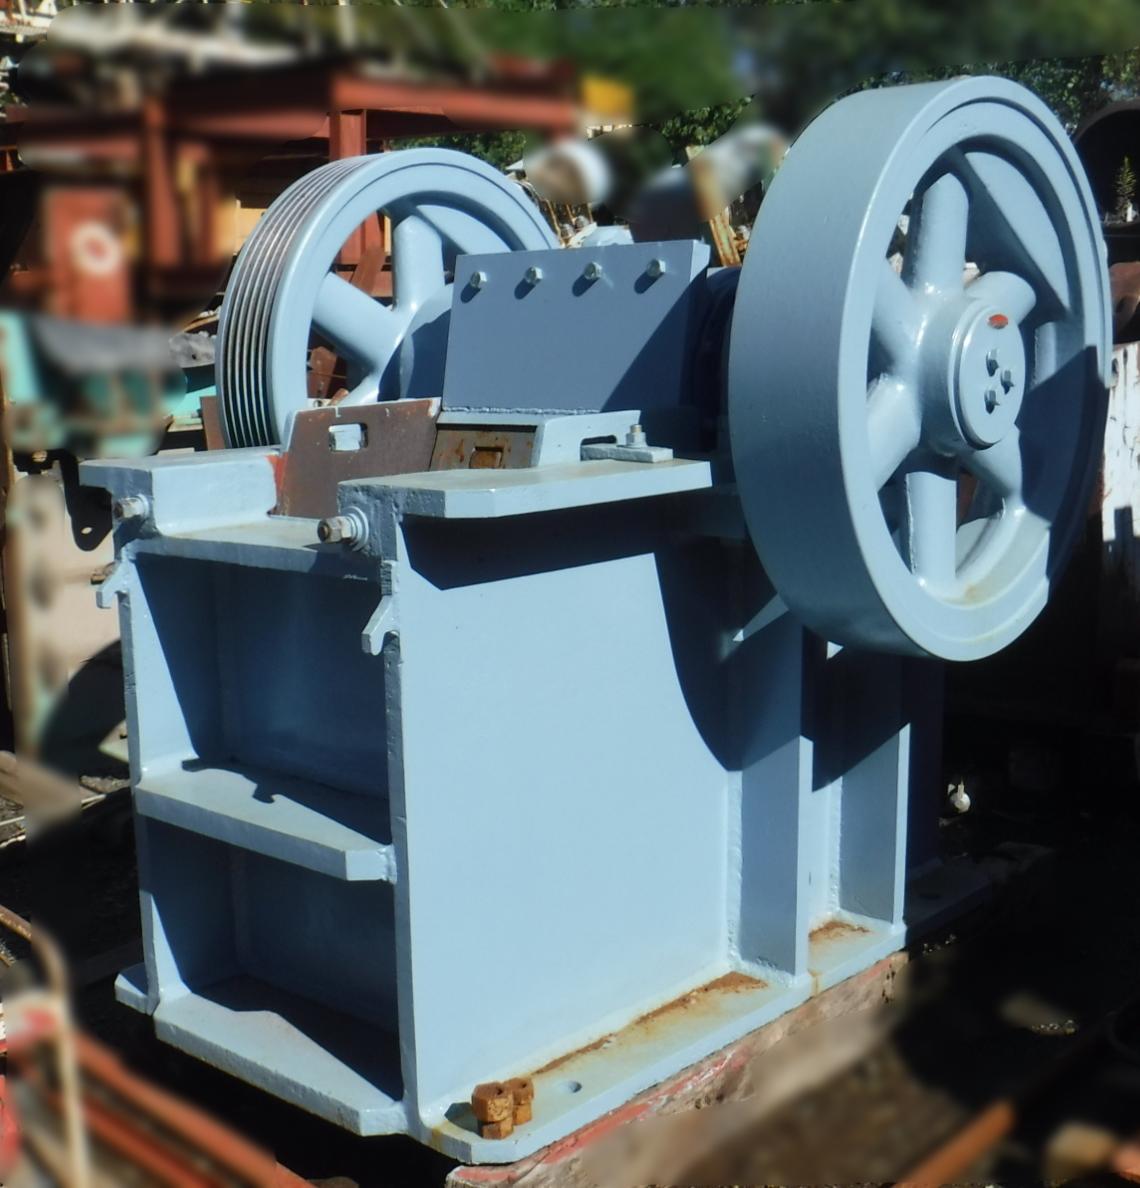 シングルトッグルジョークラッシャー 山十産業では、中古機械の販売・買取をおこなっております。